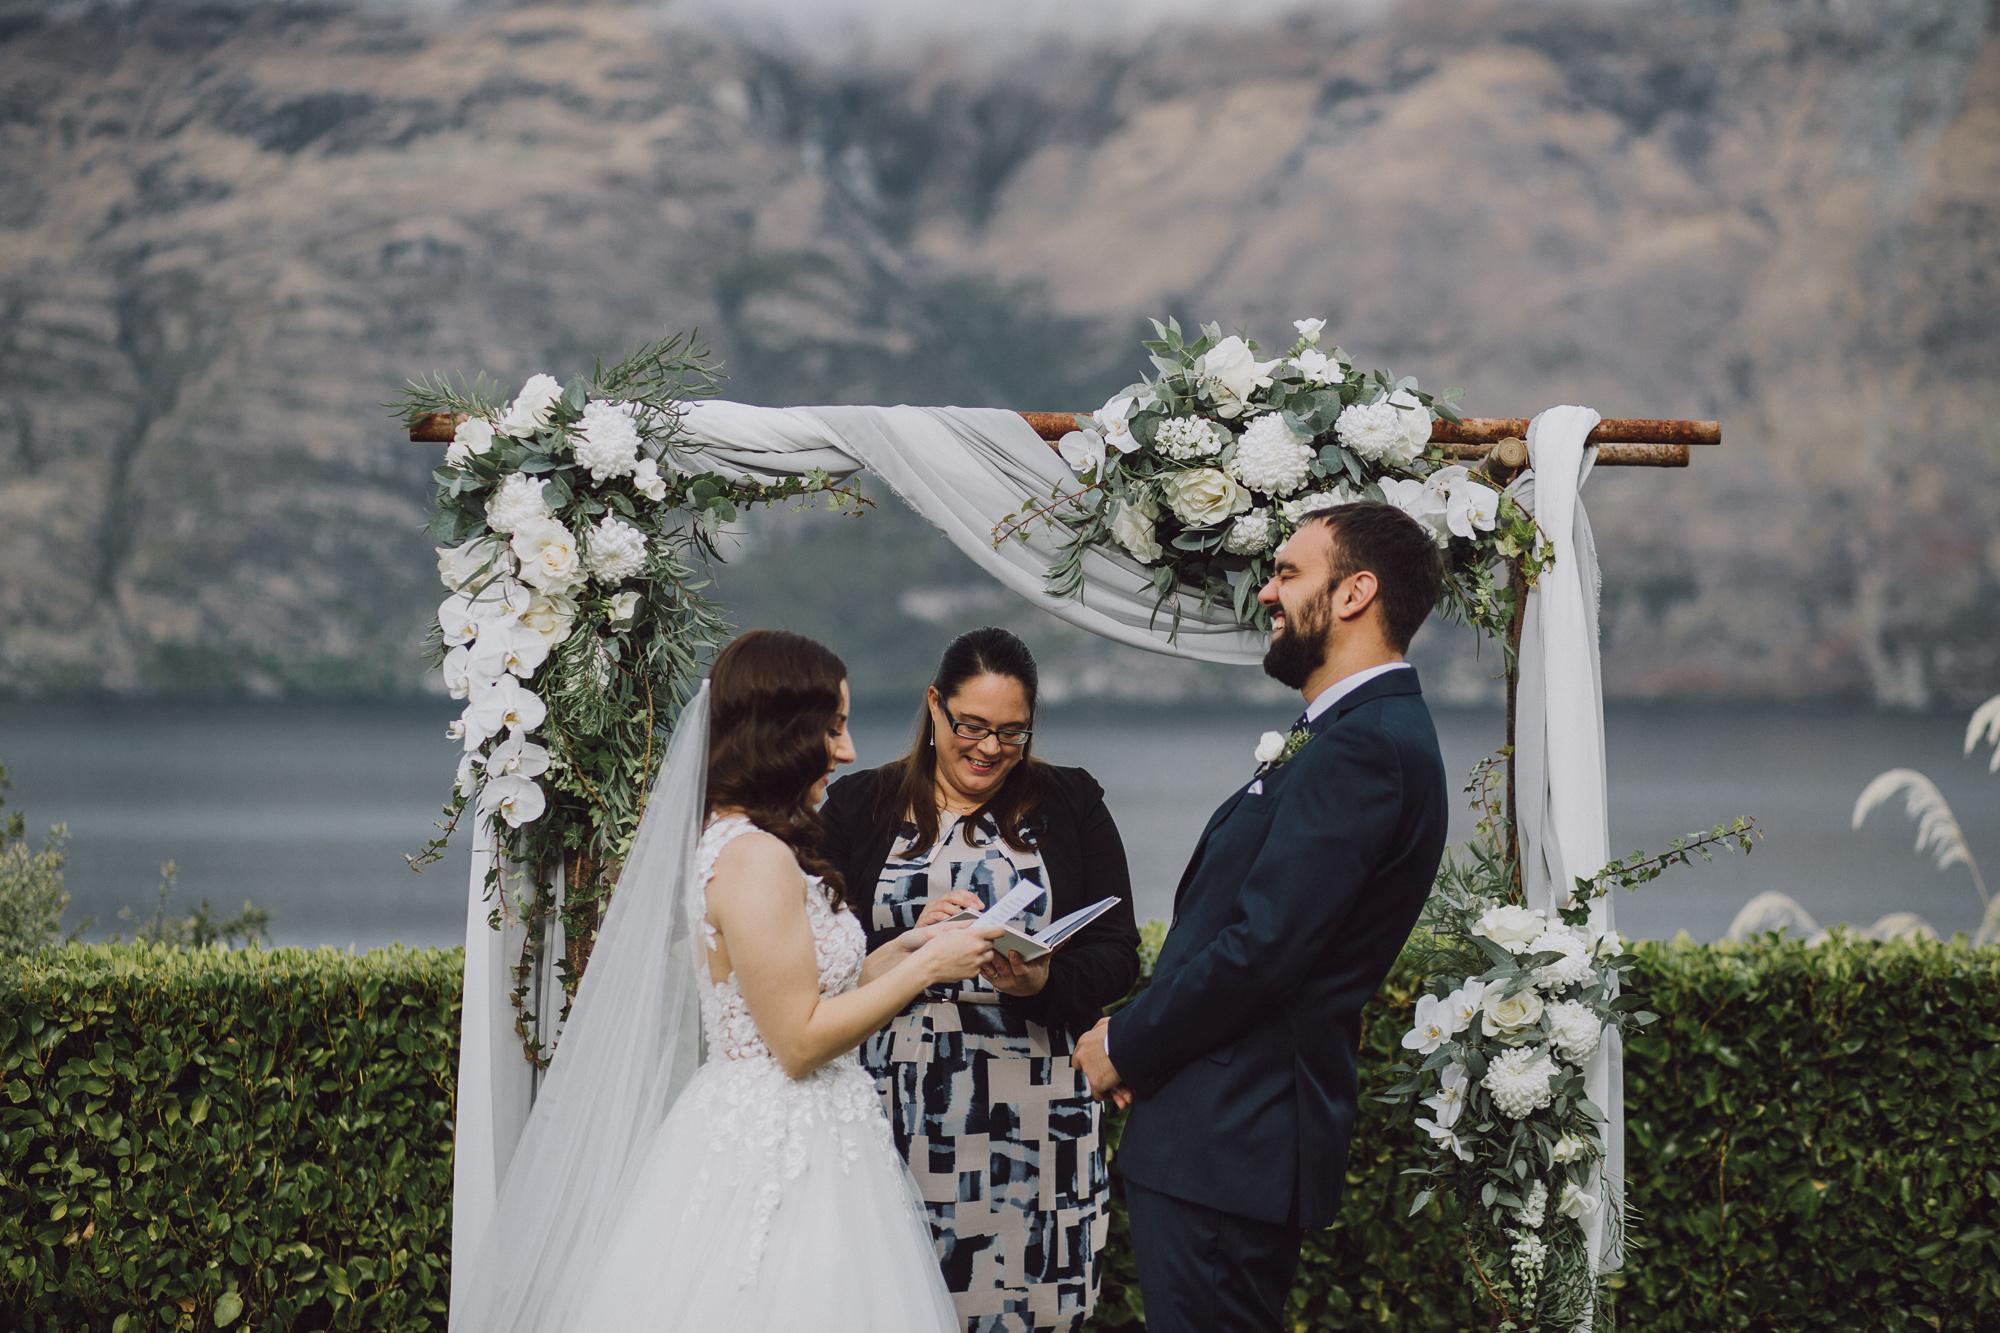 Wedding ceremony in Queenstown NZ